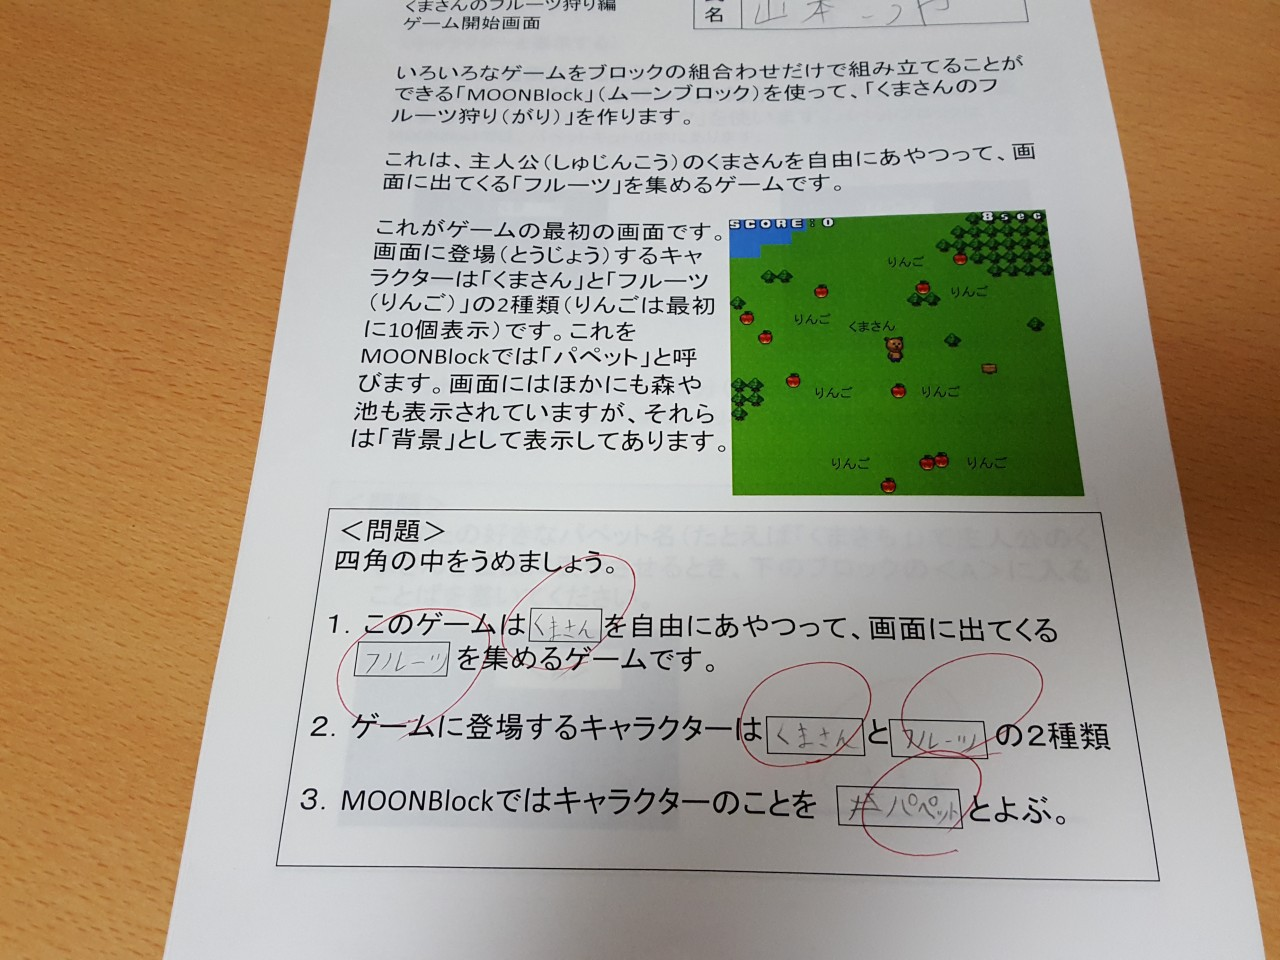 秋葉原プログラミング教室